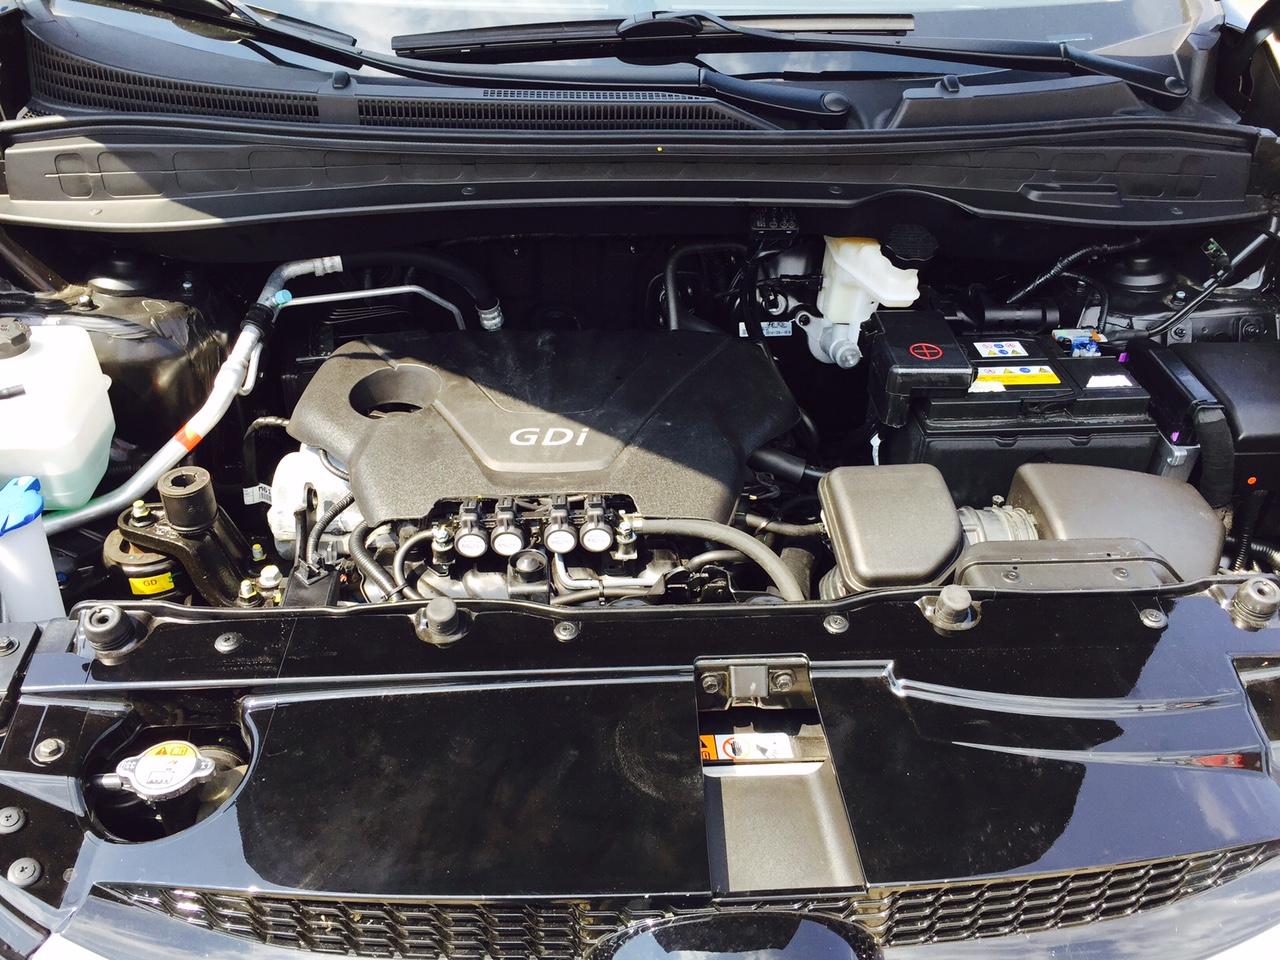 frontgas-autogas-umbau-lpg-hyundai-ix35-16-direkteinspritzer-verkaufsbild-autogasumruesstung-1